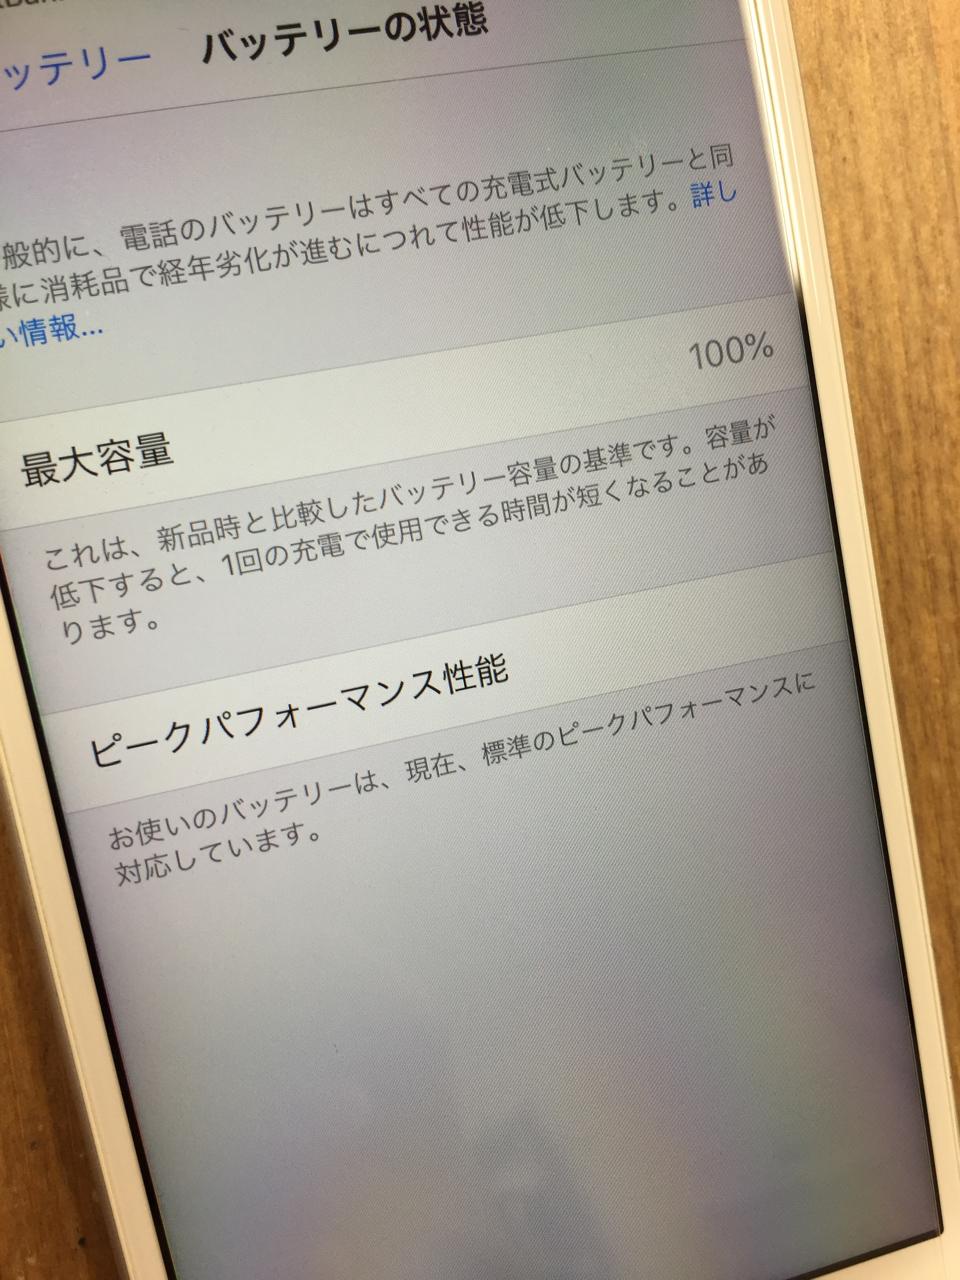 修理後:iPhone機種のバッテリー交換は最短15分で対応しております!